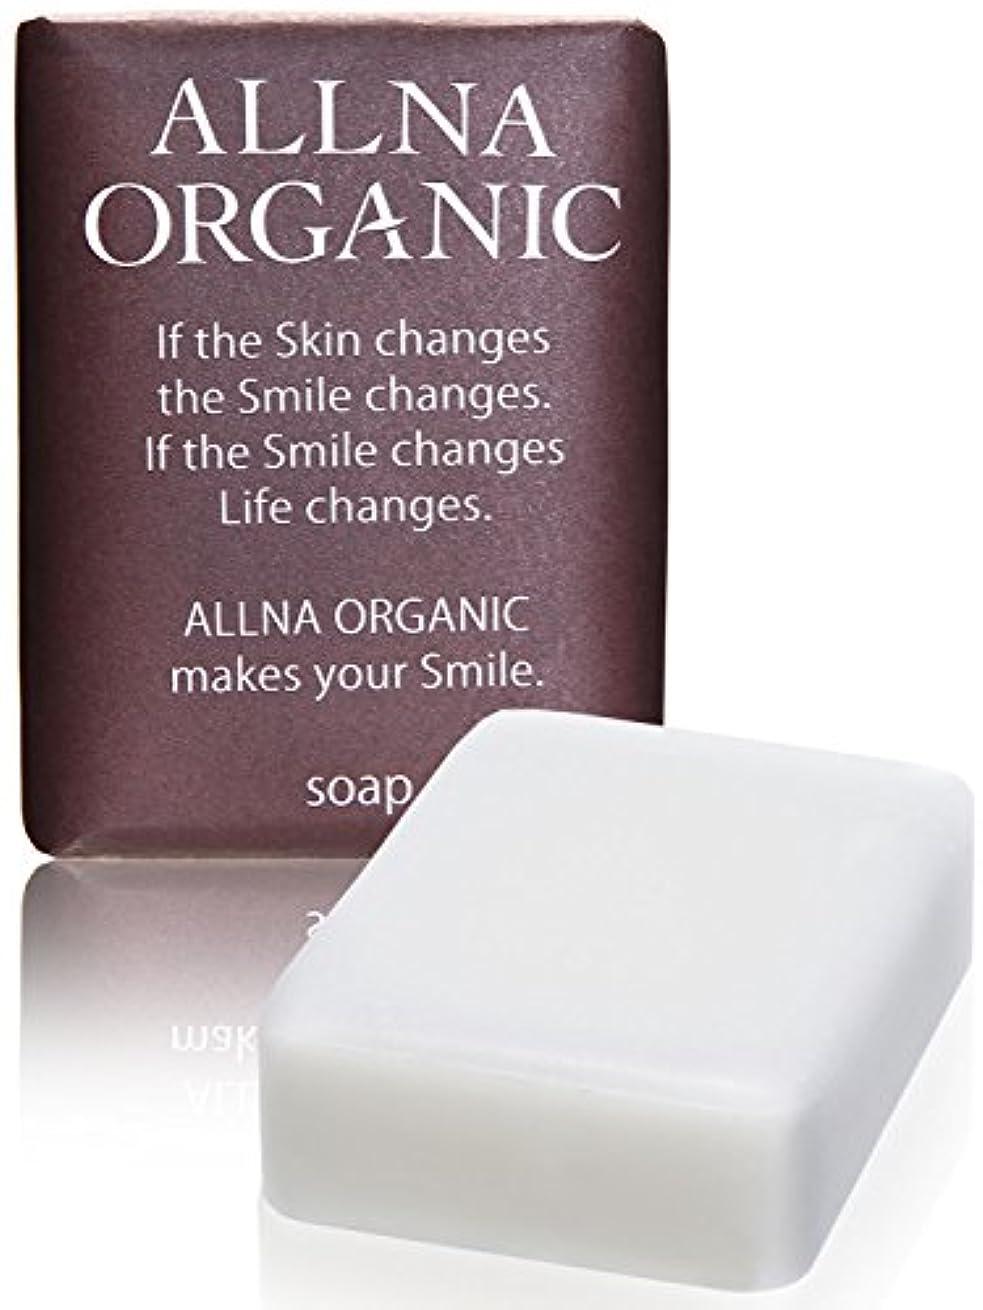 ましいチャートディプロマオルナ オーガニック 石鹸 「 無添加 敏感 肌用 毛穴 対策 洗顔石鹸 」「 コラーゲン 3種 + ヒアルロン酸 4種 + ビタミンC 4種 + セラミド 配合」 保湿 固形 洗顔 せっけん バスサイズ 100g